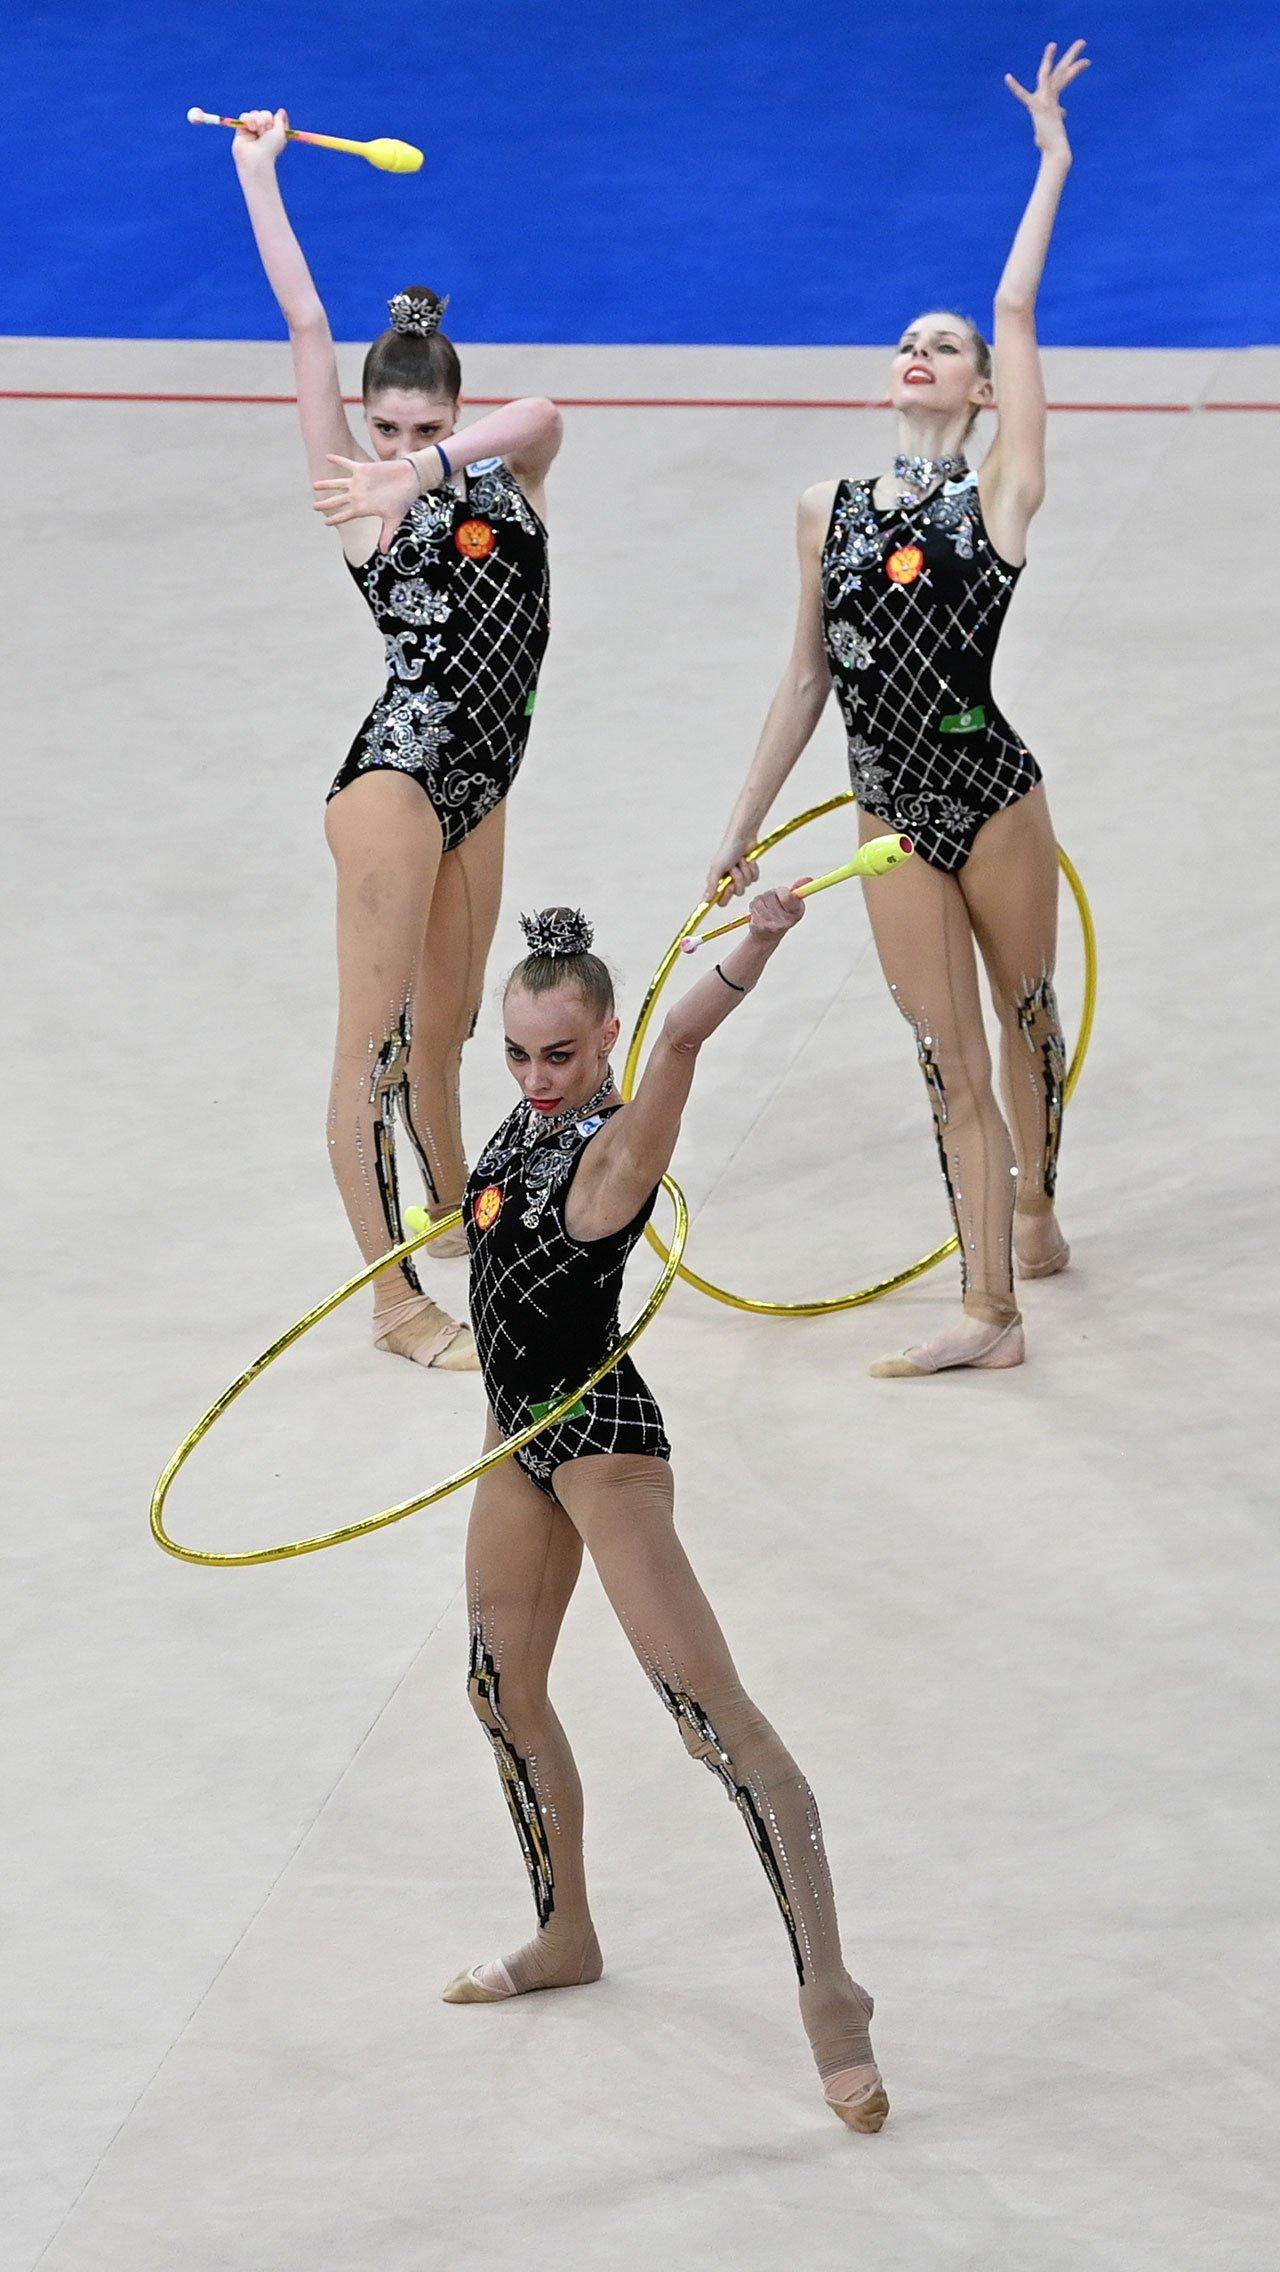 В Москве прошла квалификация международного Кубка вызова — генеральная репетиция перед Олимпиадой-2020 в Токио. Россиянкам на турнире не было равных.